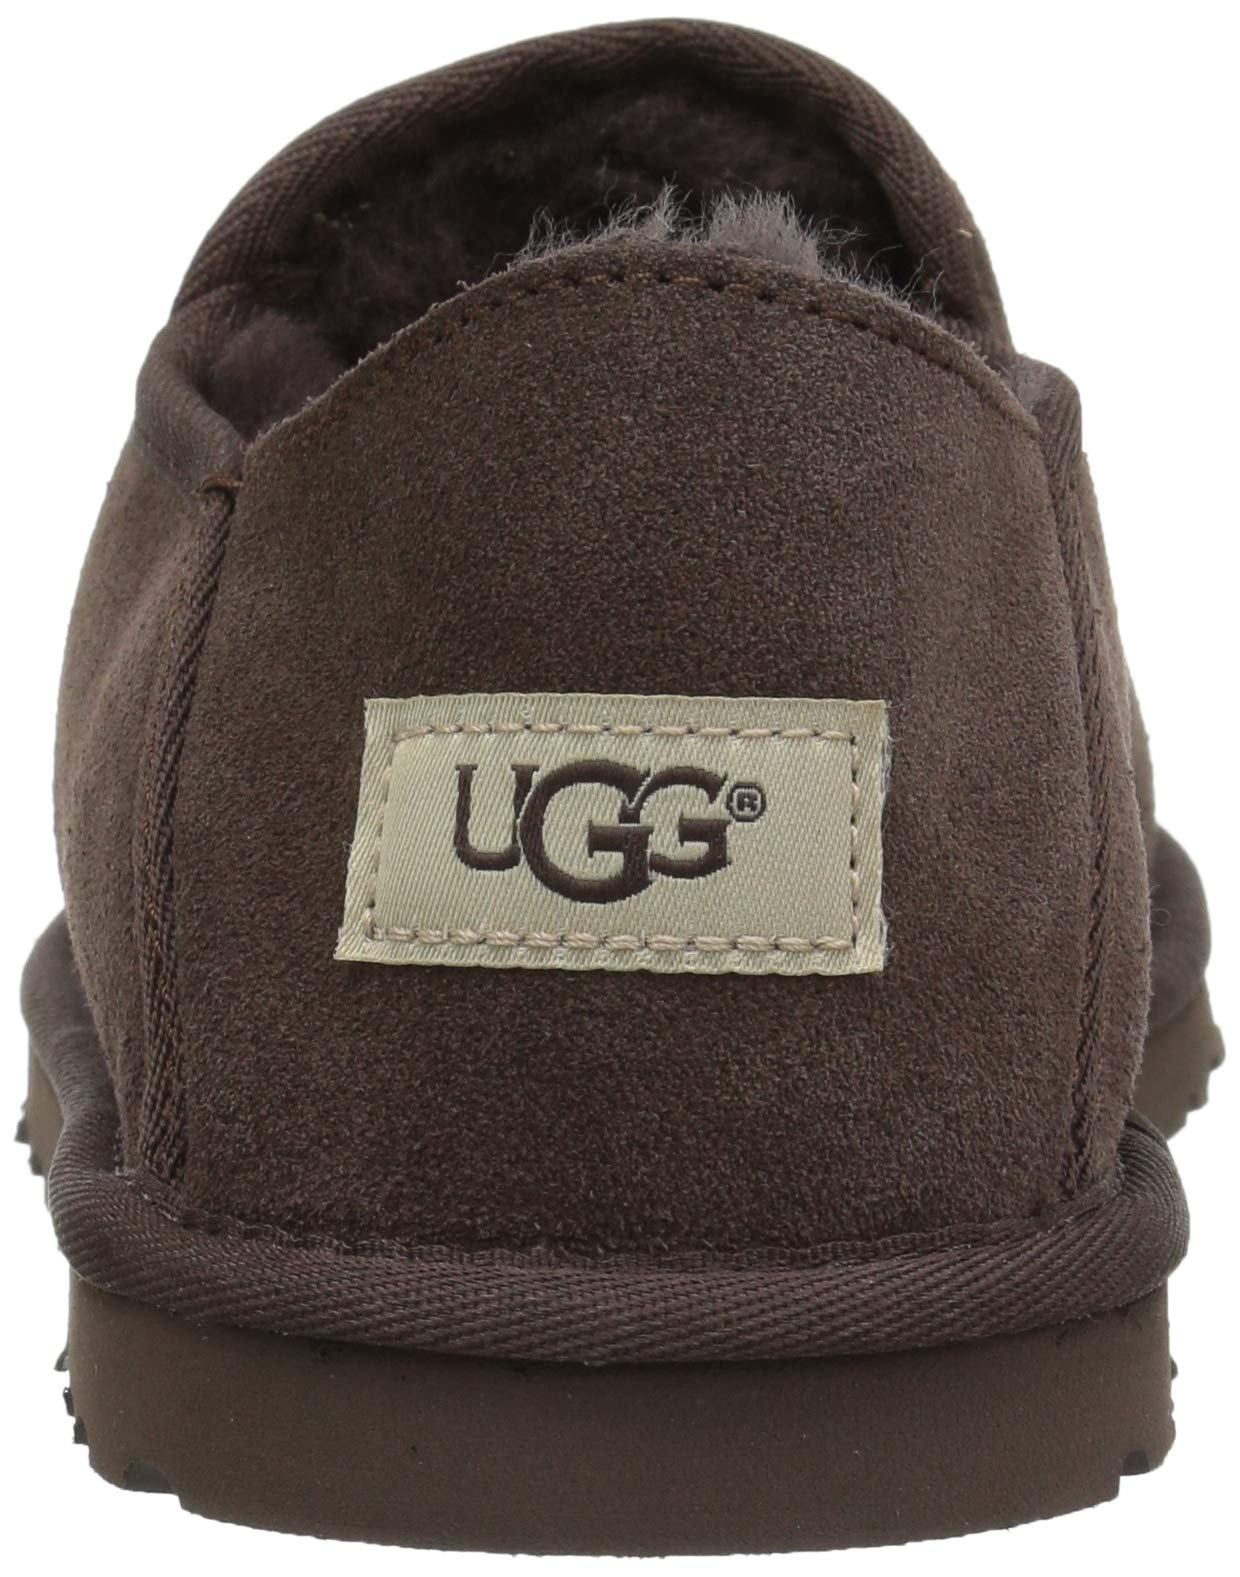 UGG Men's Kenton Slipper Chocolate 7 Medium US by UGG (Image #2)